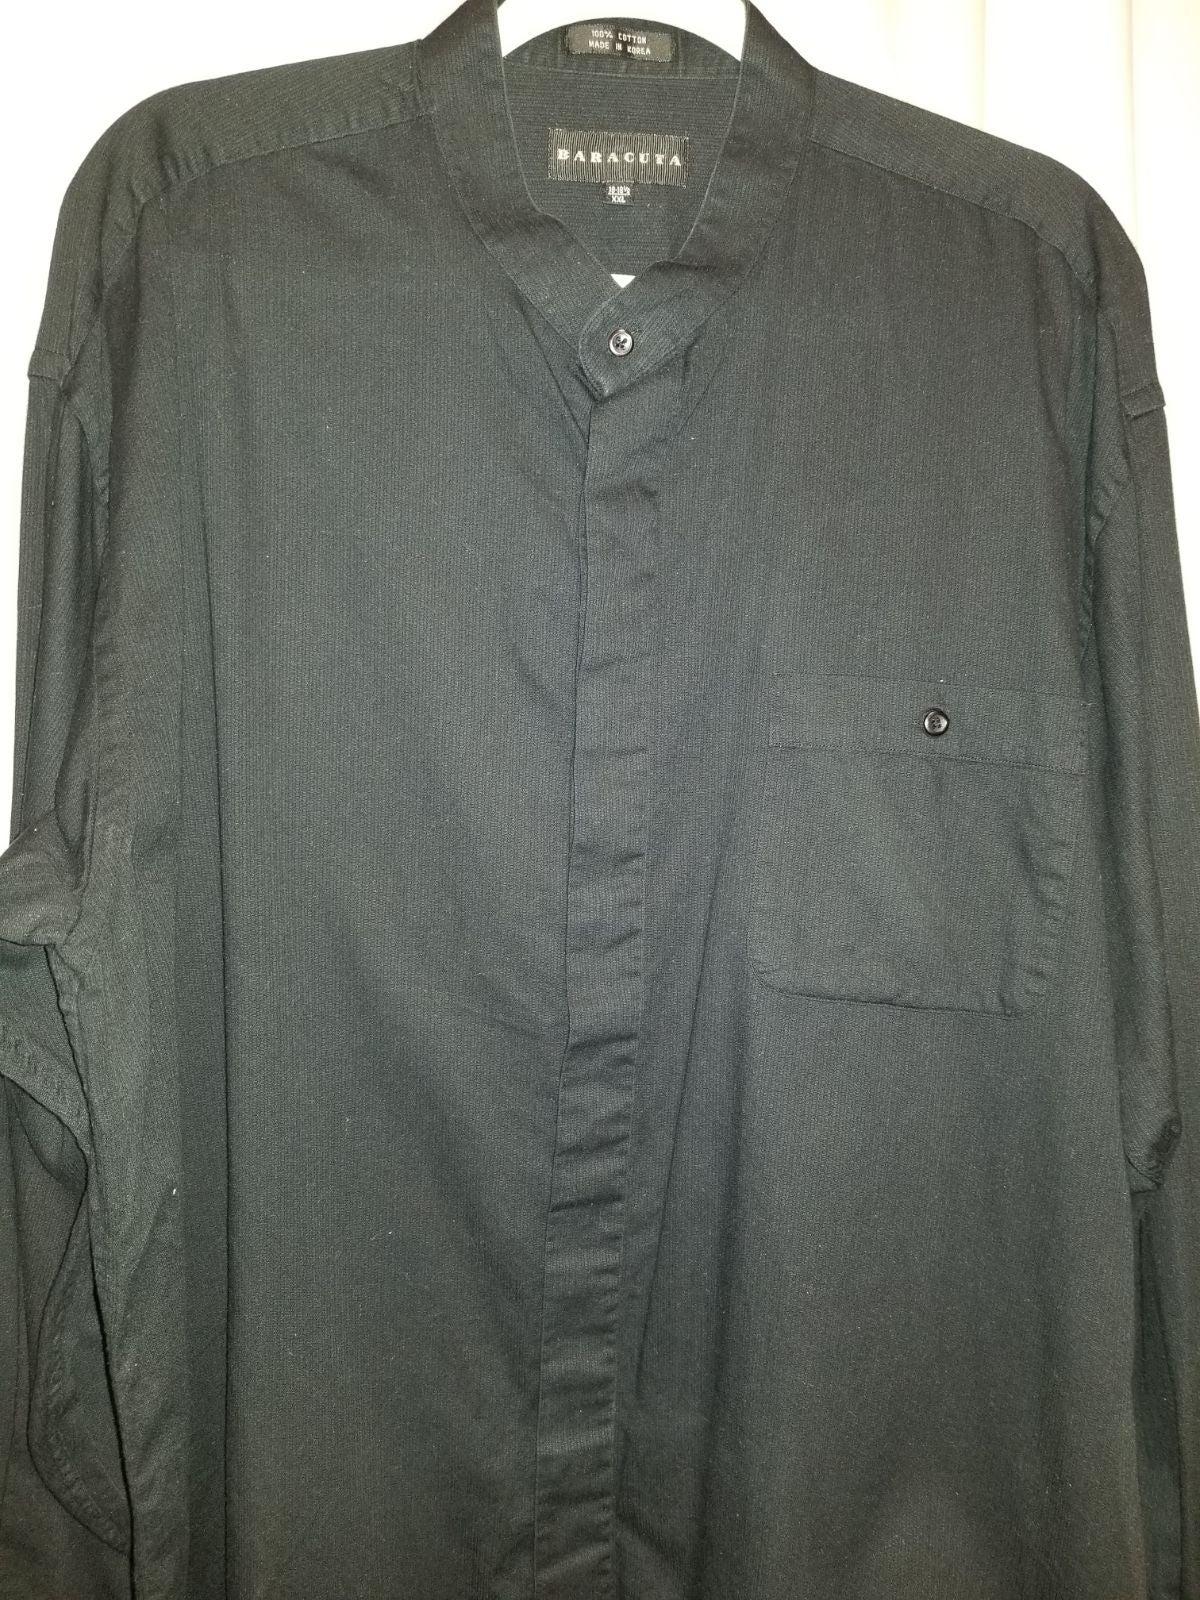 mens dress shirt Baracuta 2Xl, 18-18 1/2